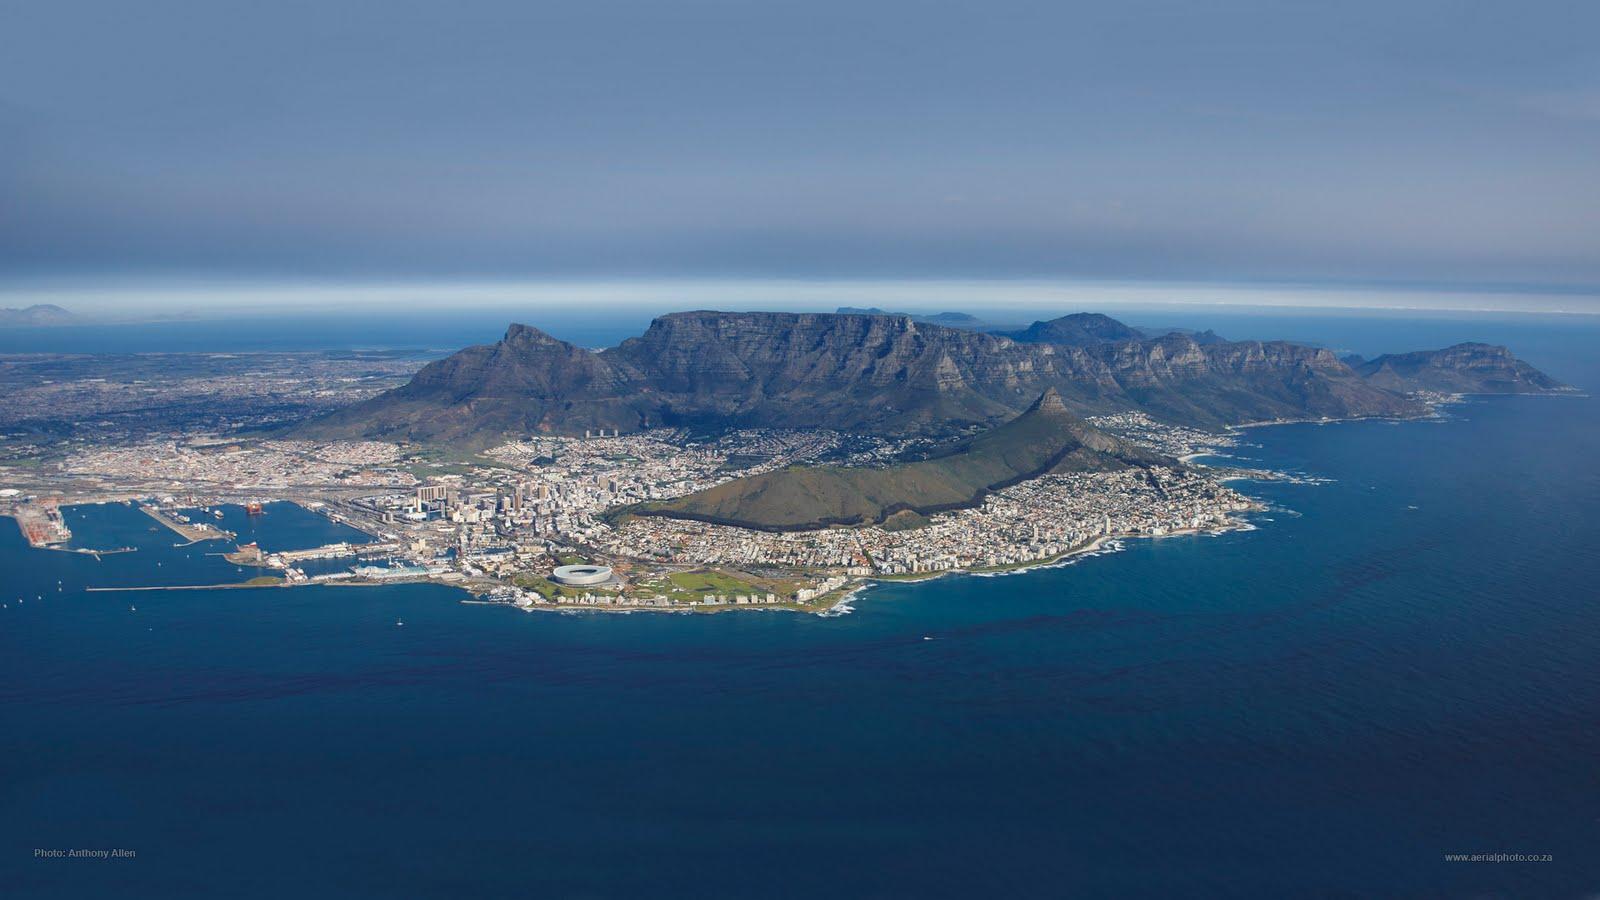 Wallpaper Inn Cape Town Download Wallpaper DaWallpaperz 1600x900